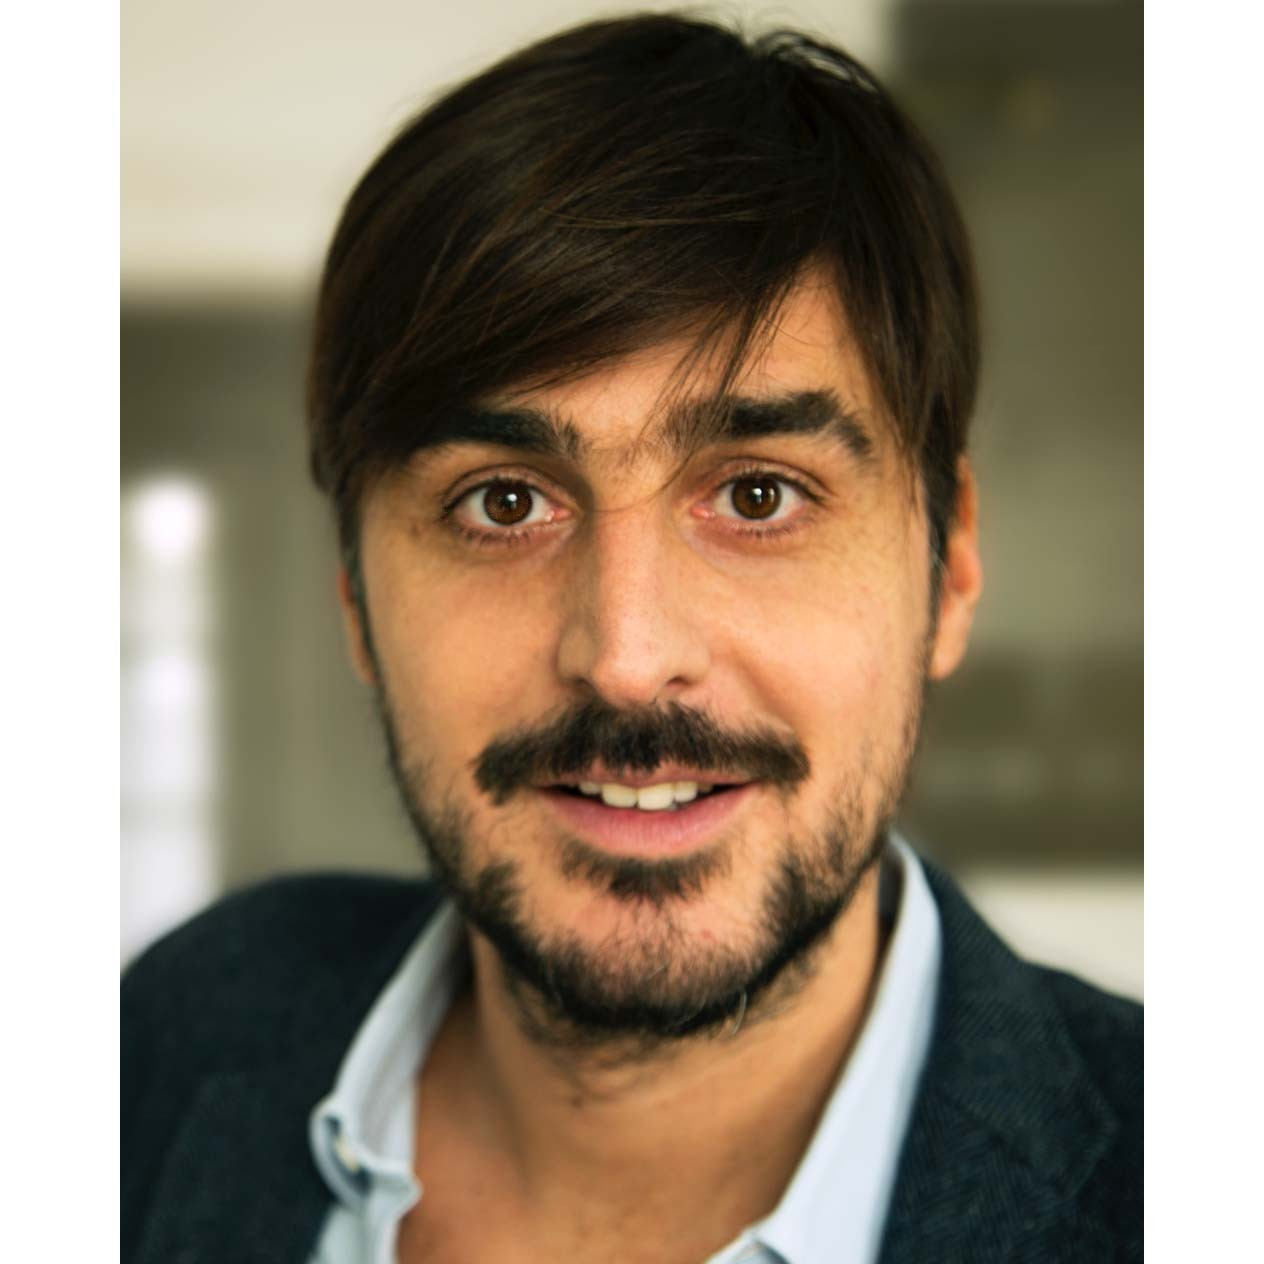 photo of Carlo Invernizzi Accetti